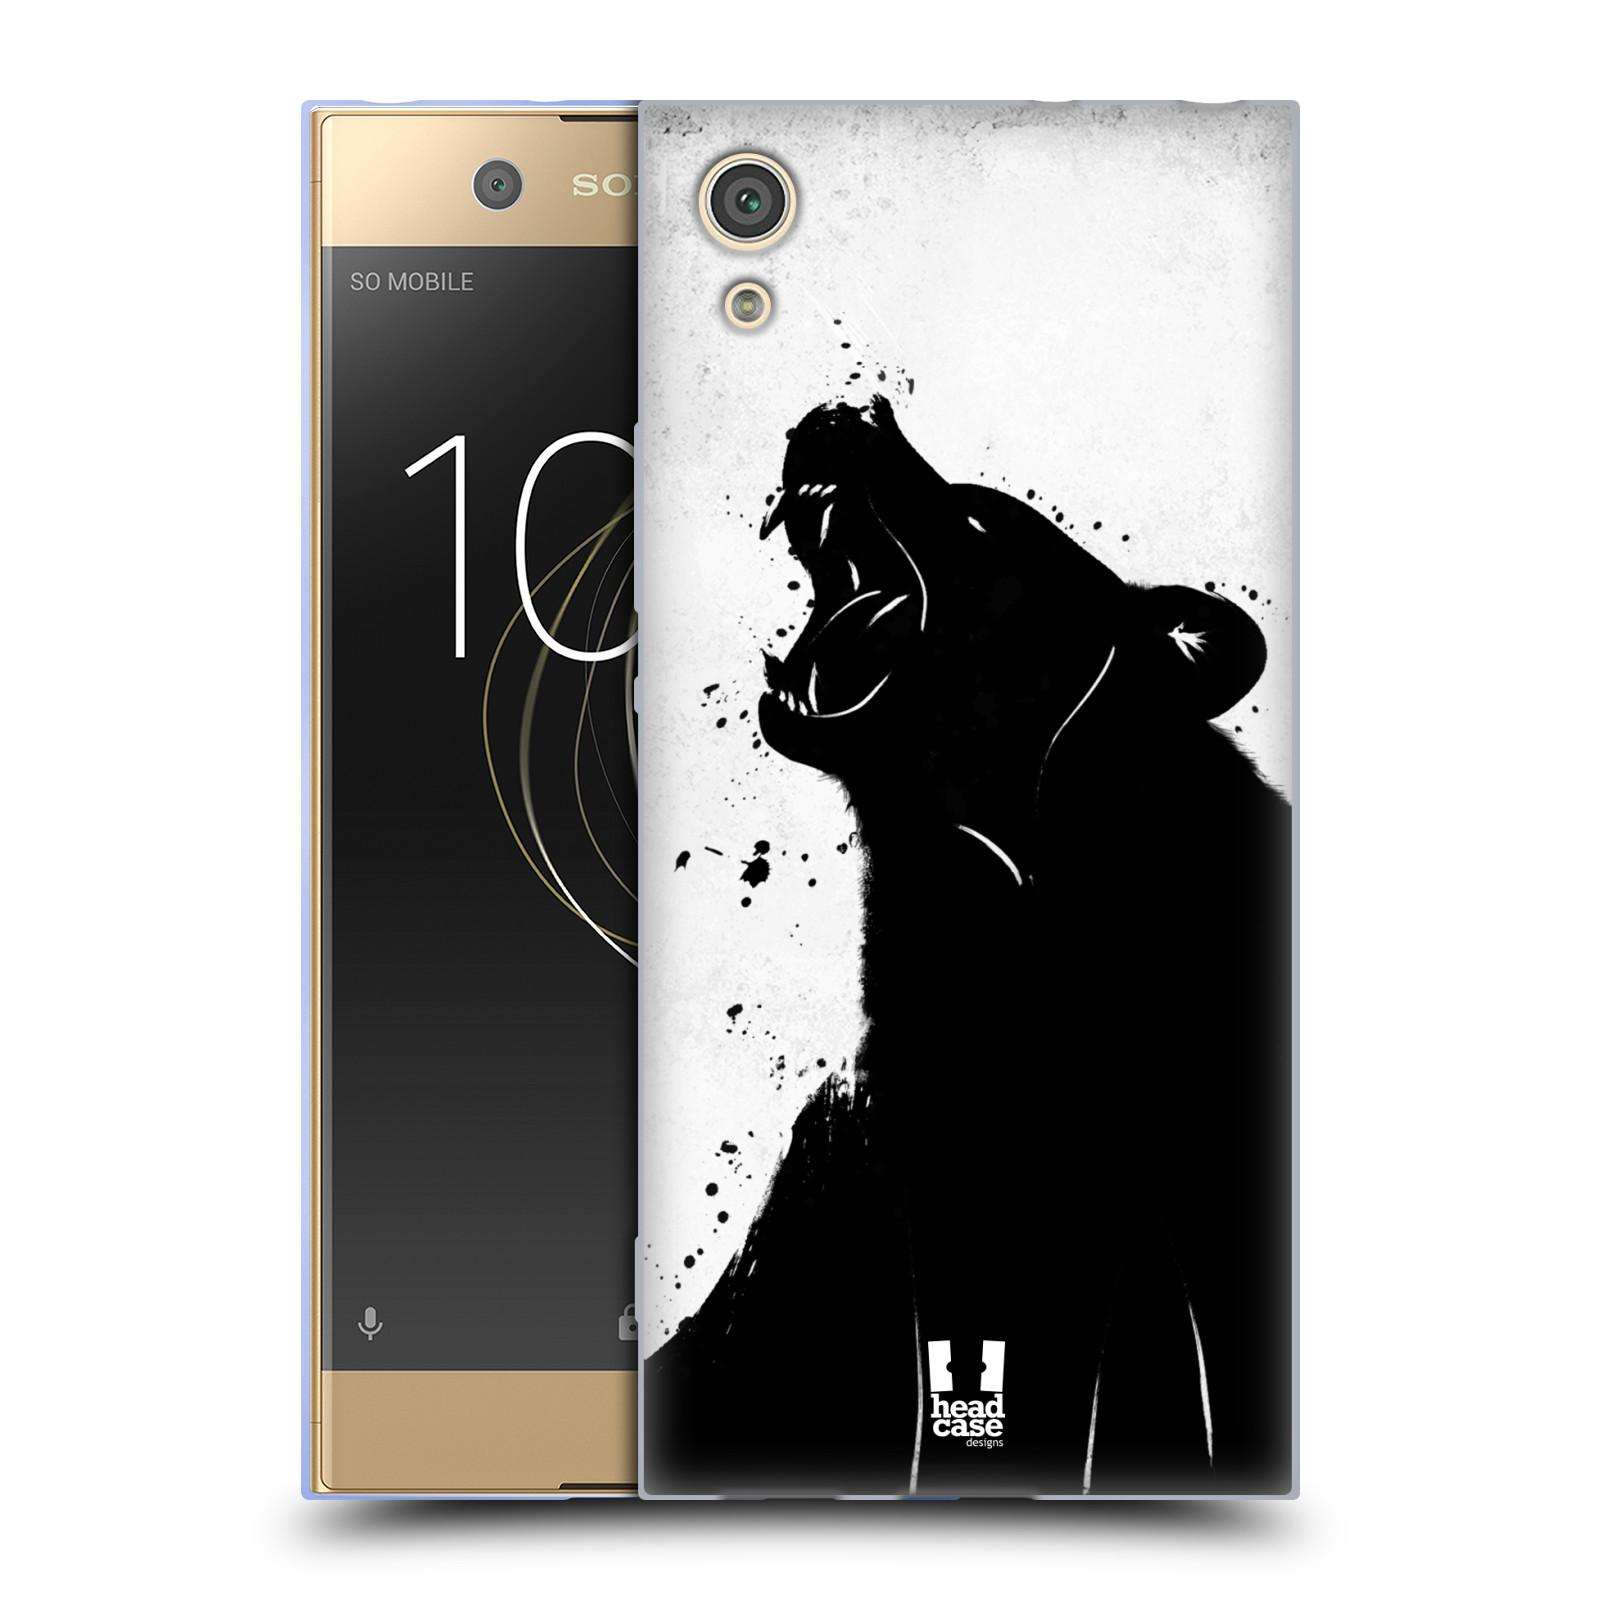 HEAD CASE silikonový obal na mobil Sony Xperia XA1 / XA1 DUAL SIM vzor Kresba tuš zvíře medvěd